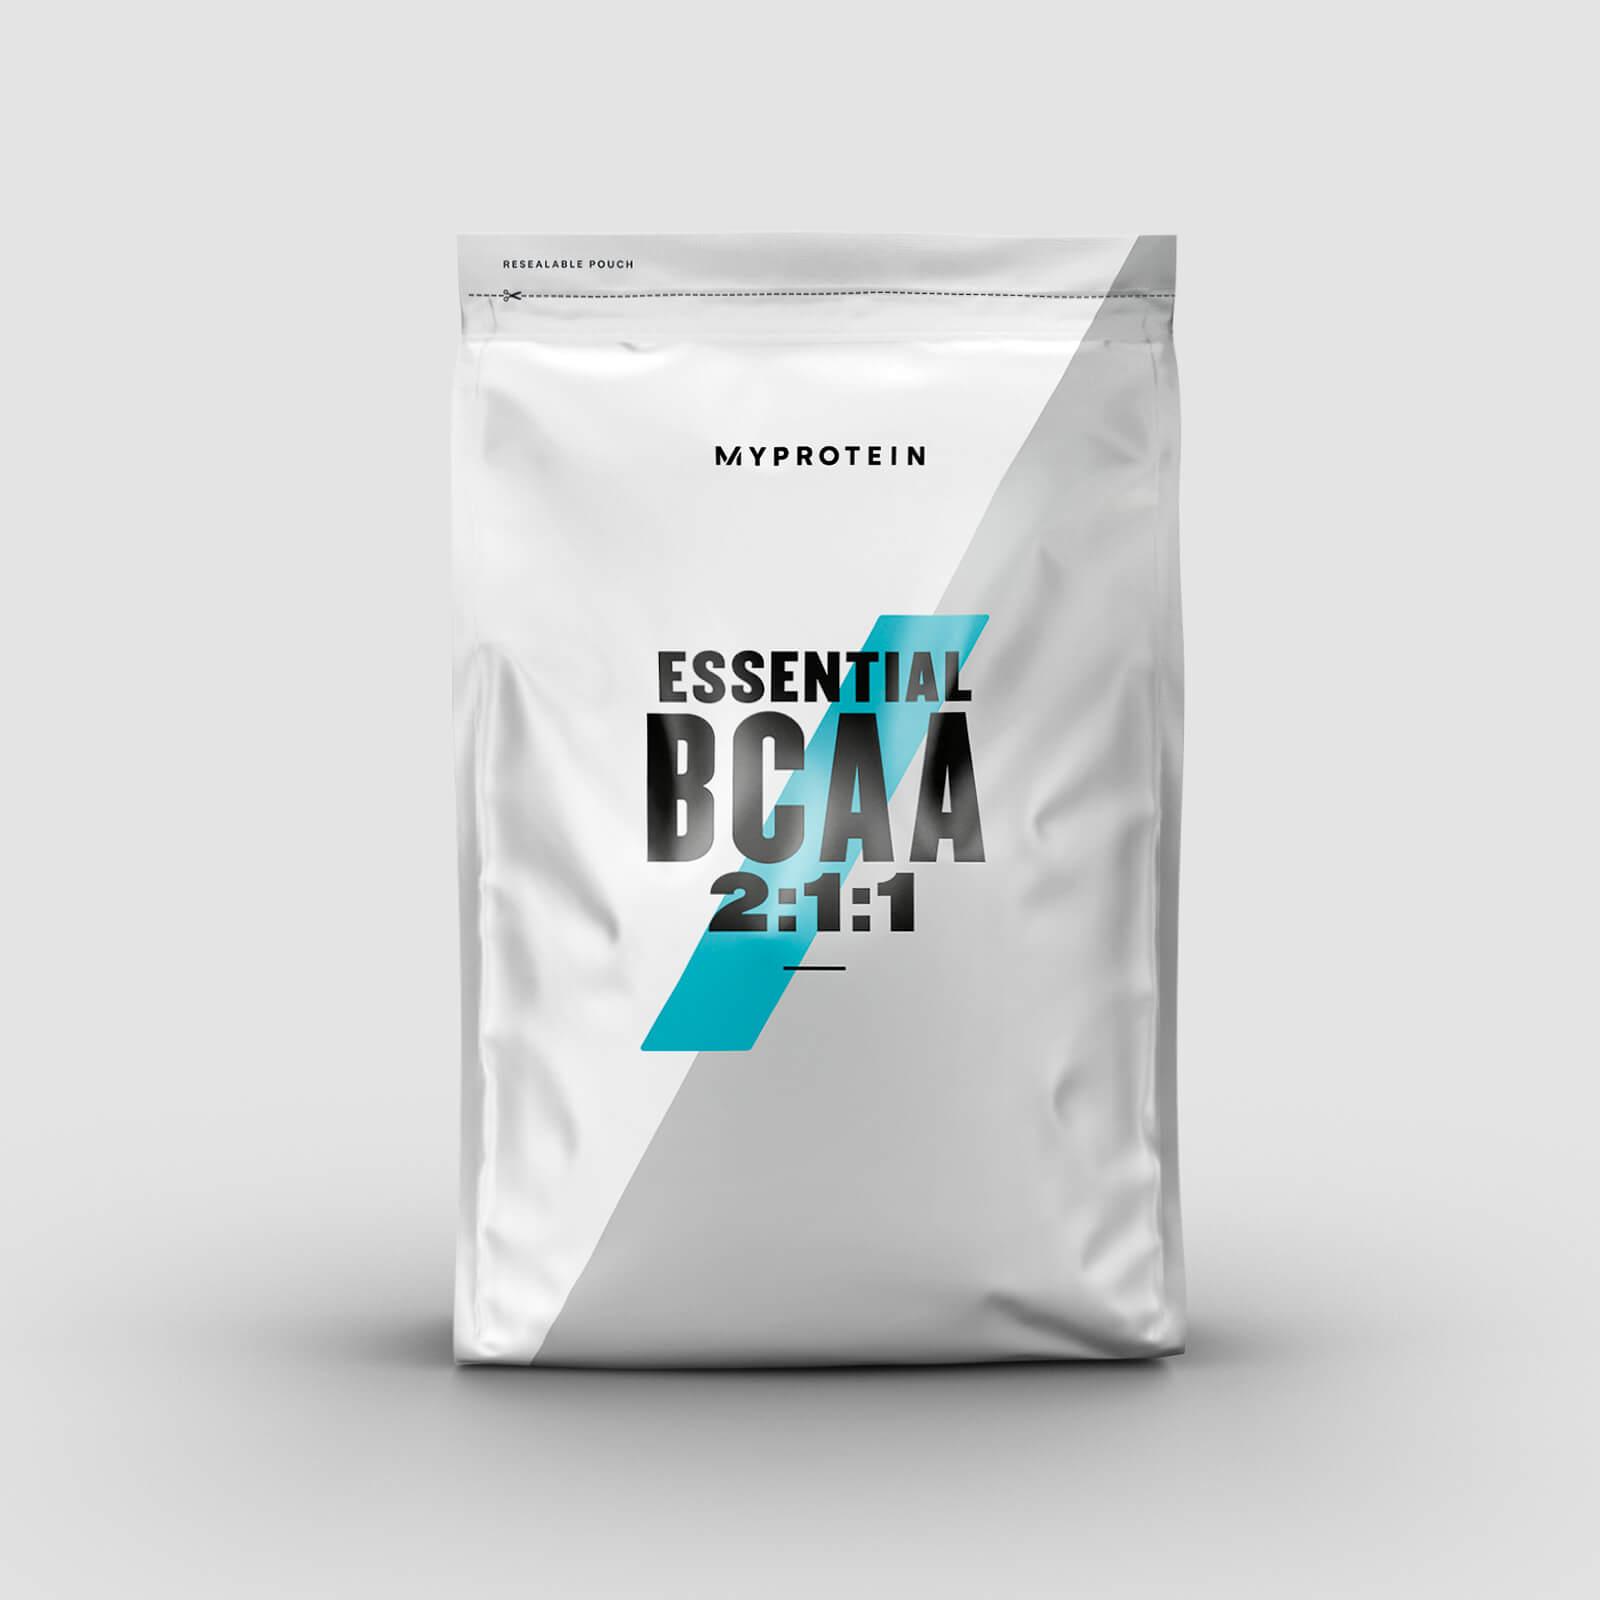 Myprotein Essential BCAA 2:1:1 Powder - 250g - Watermelon